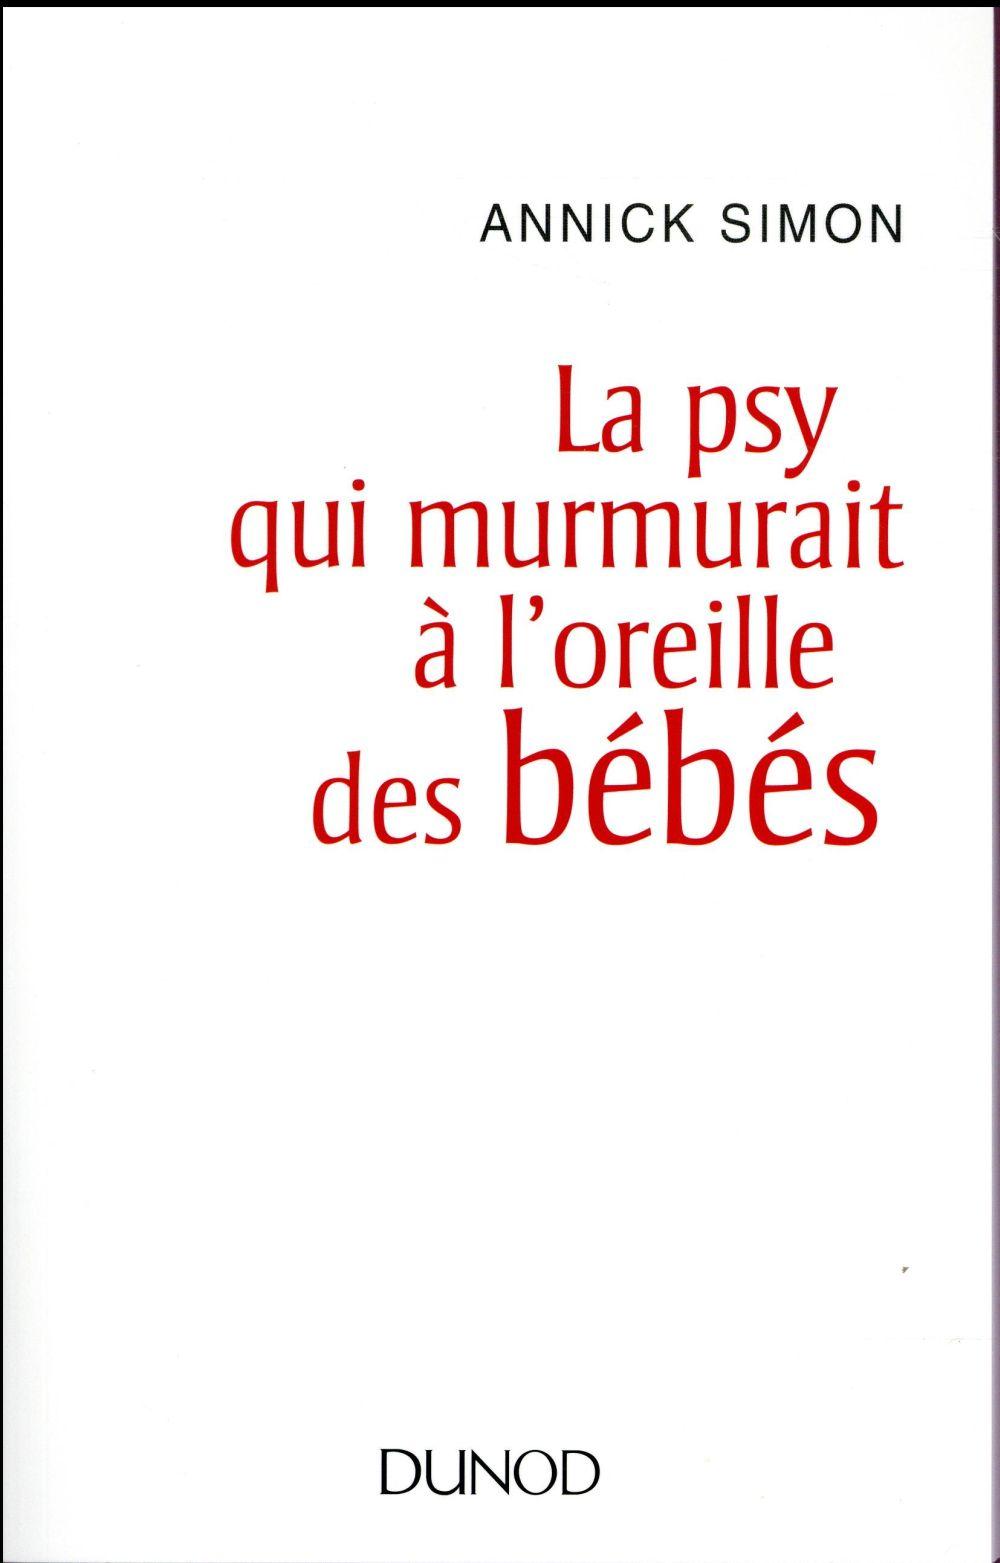 LA PSY QUI MURMURAIT A L'OREILLE DES BEBES